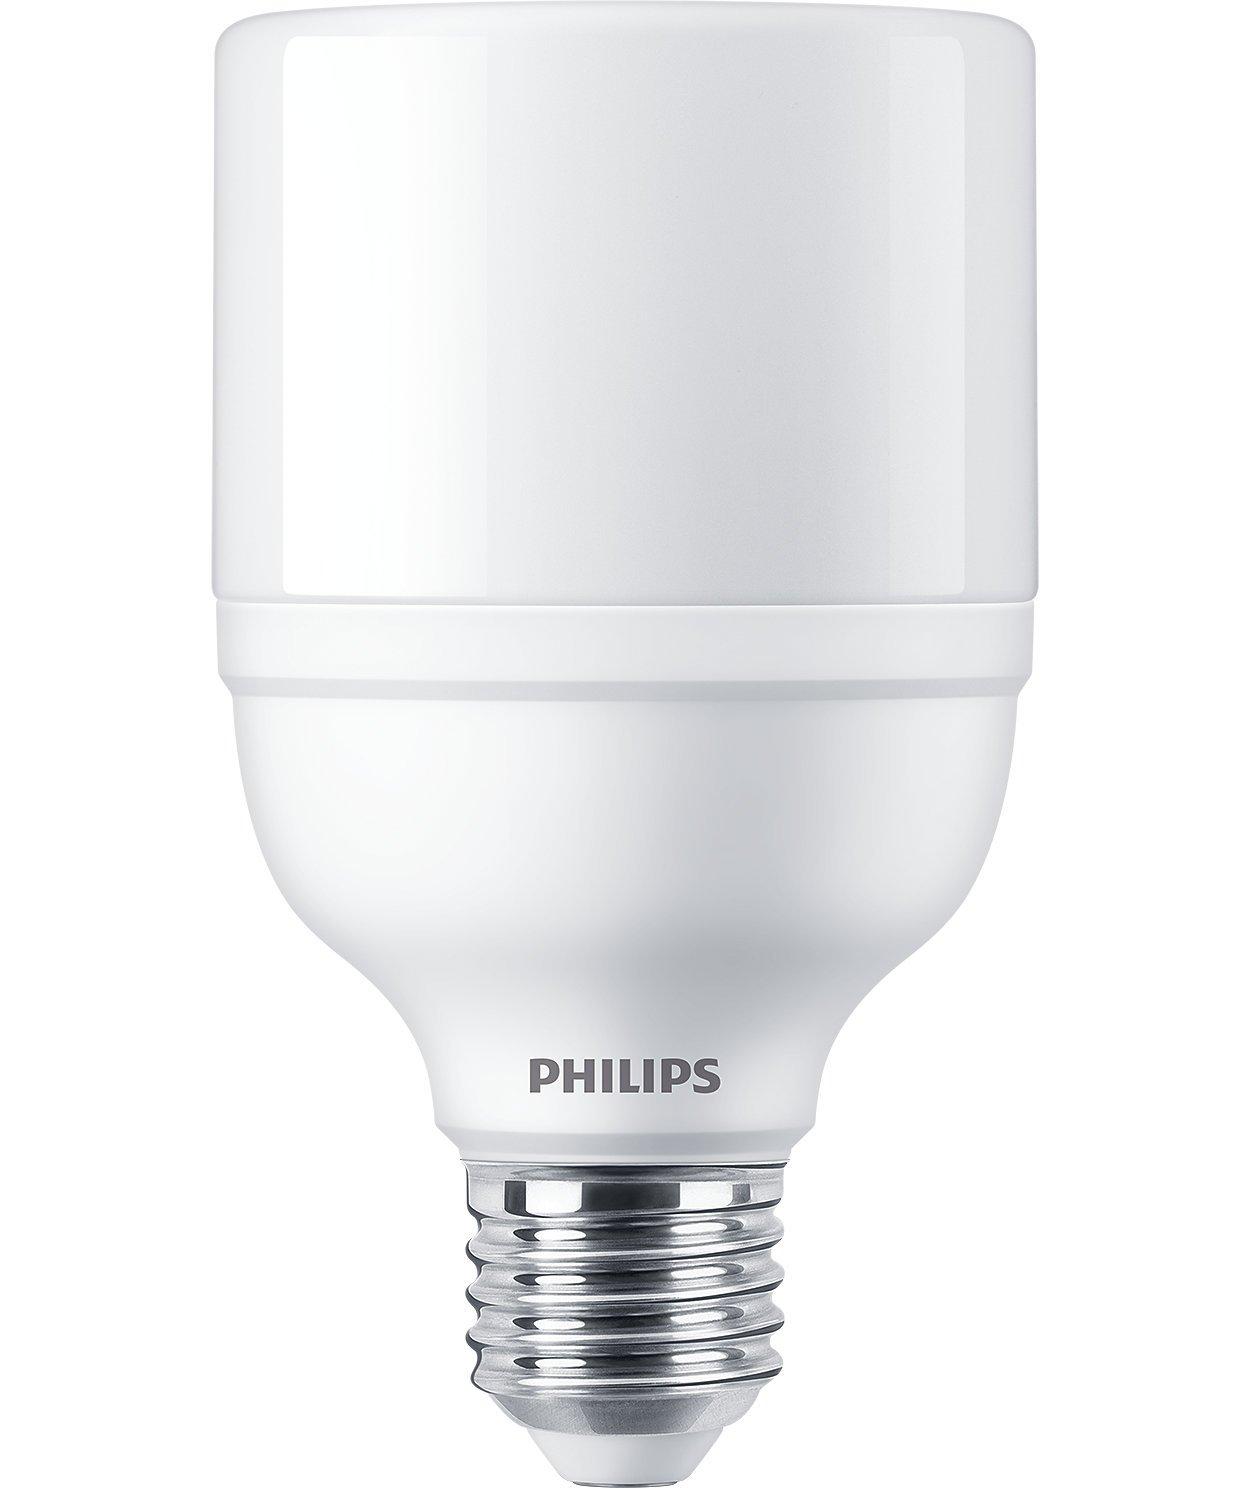 philips 17w led